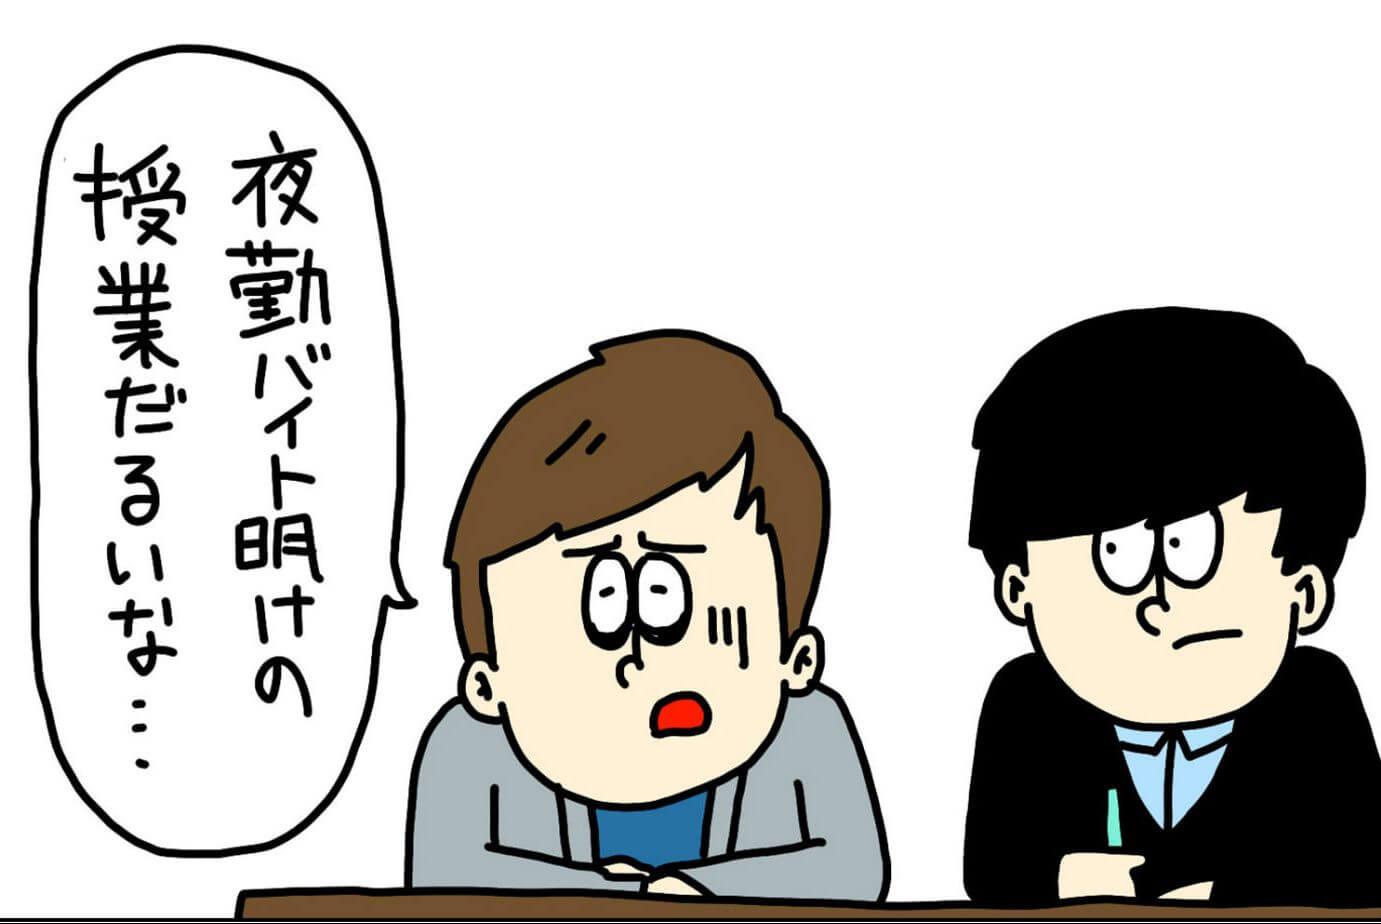 【漫画】わかりみの深い大学生 第二回「ねない」(作:アメヒロ)